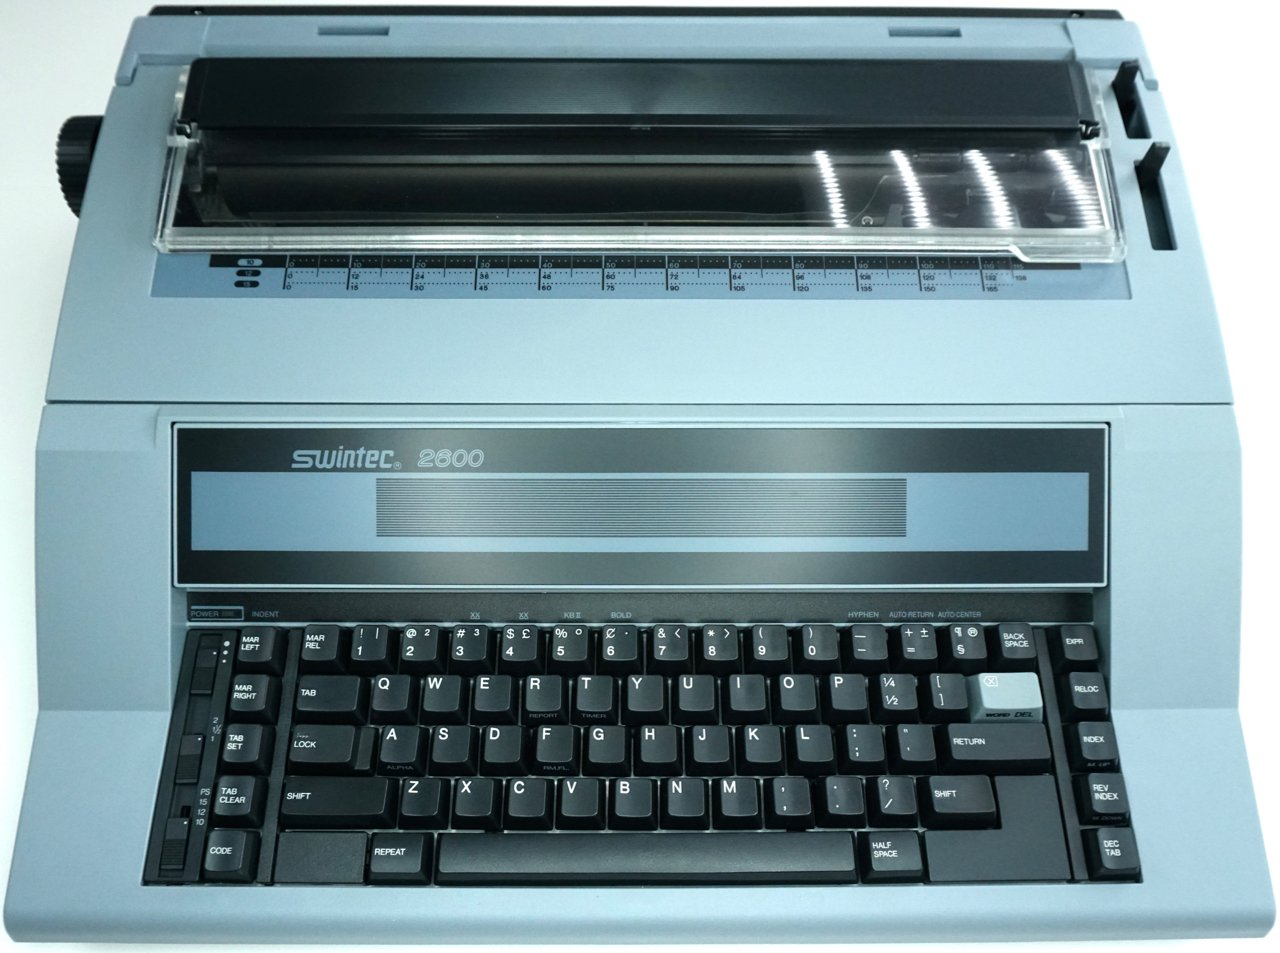 Swintec 2600 Typewriter by Swintec